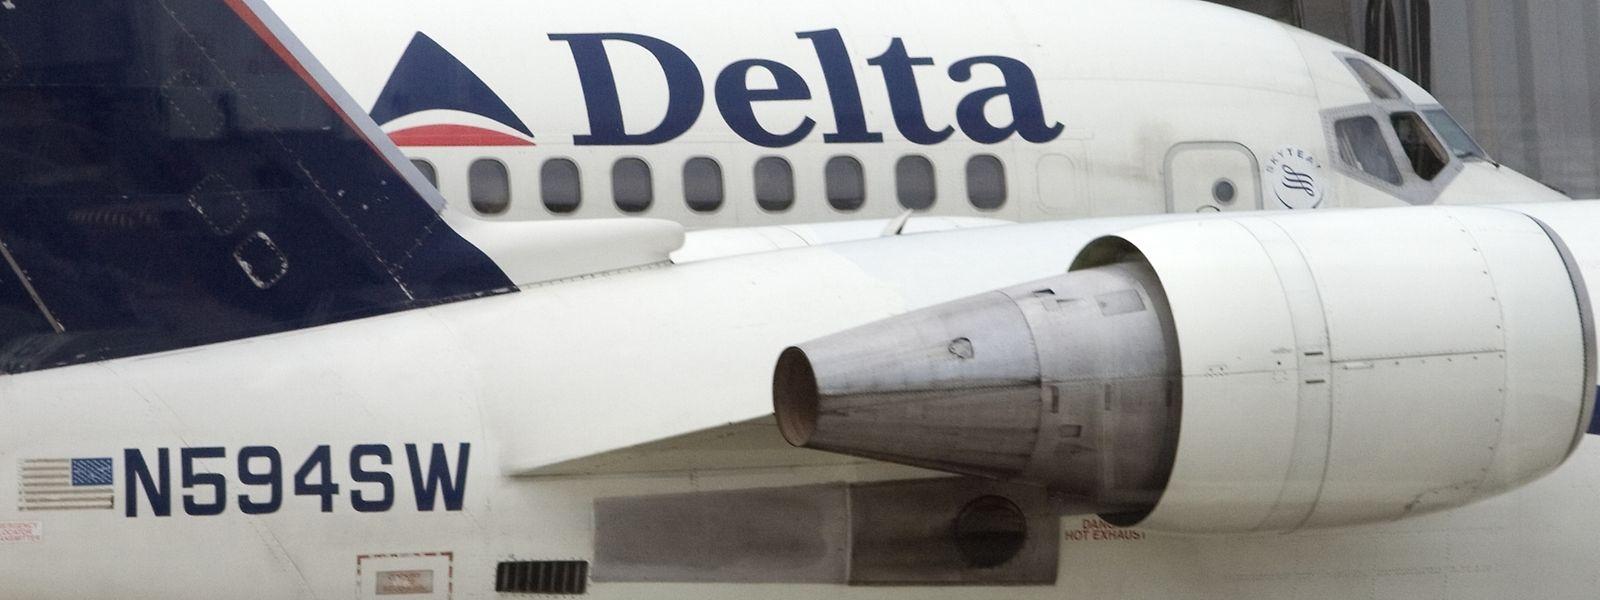 Passagiere und Besatzungsmitglieder hielten den Randalierer fest.